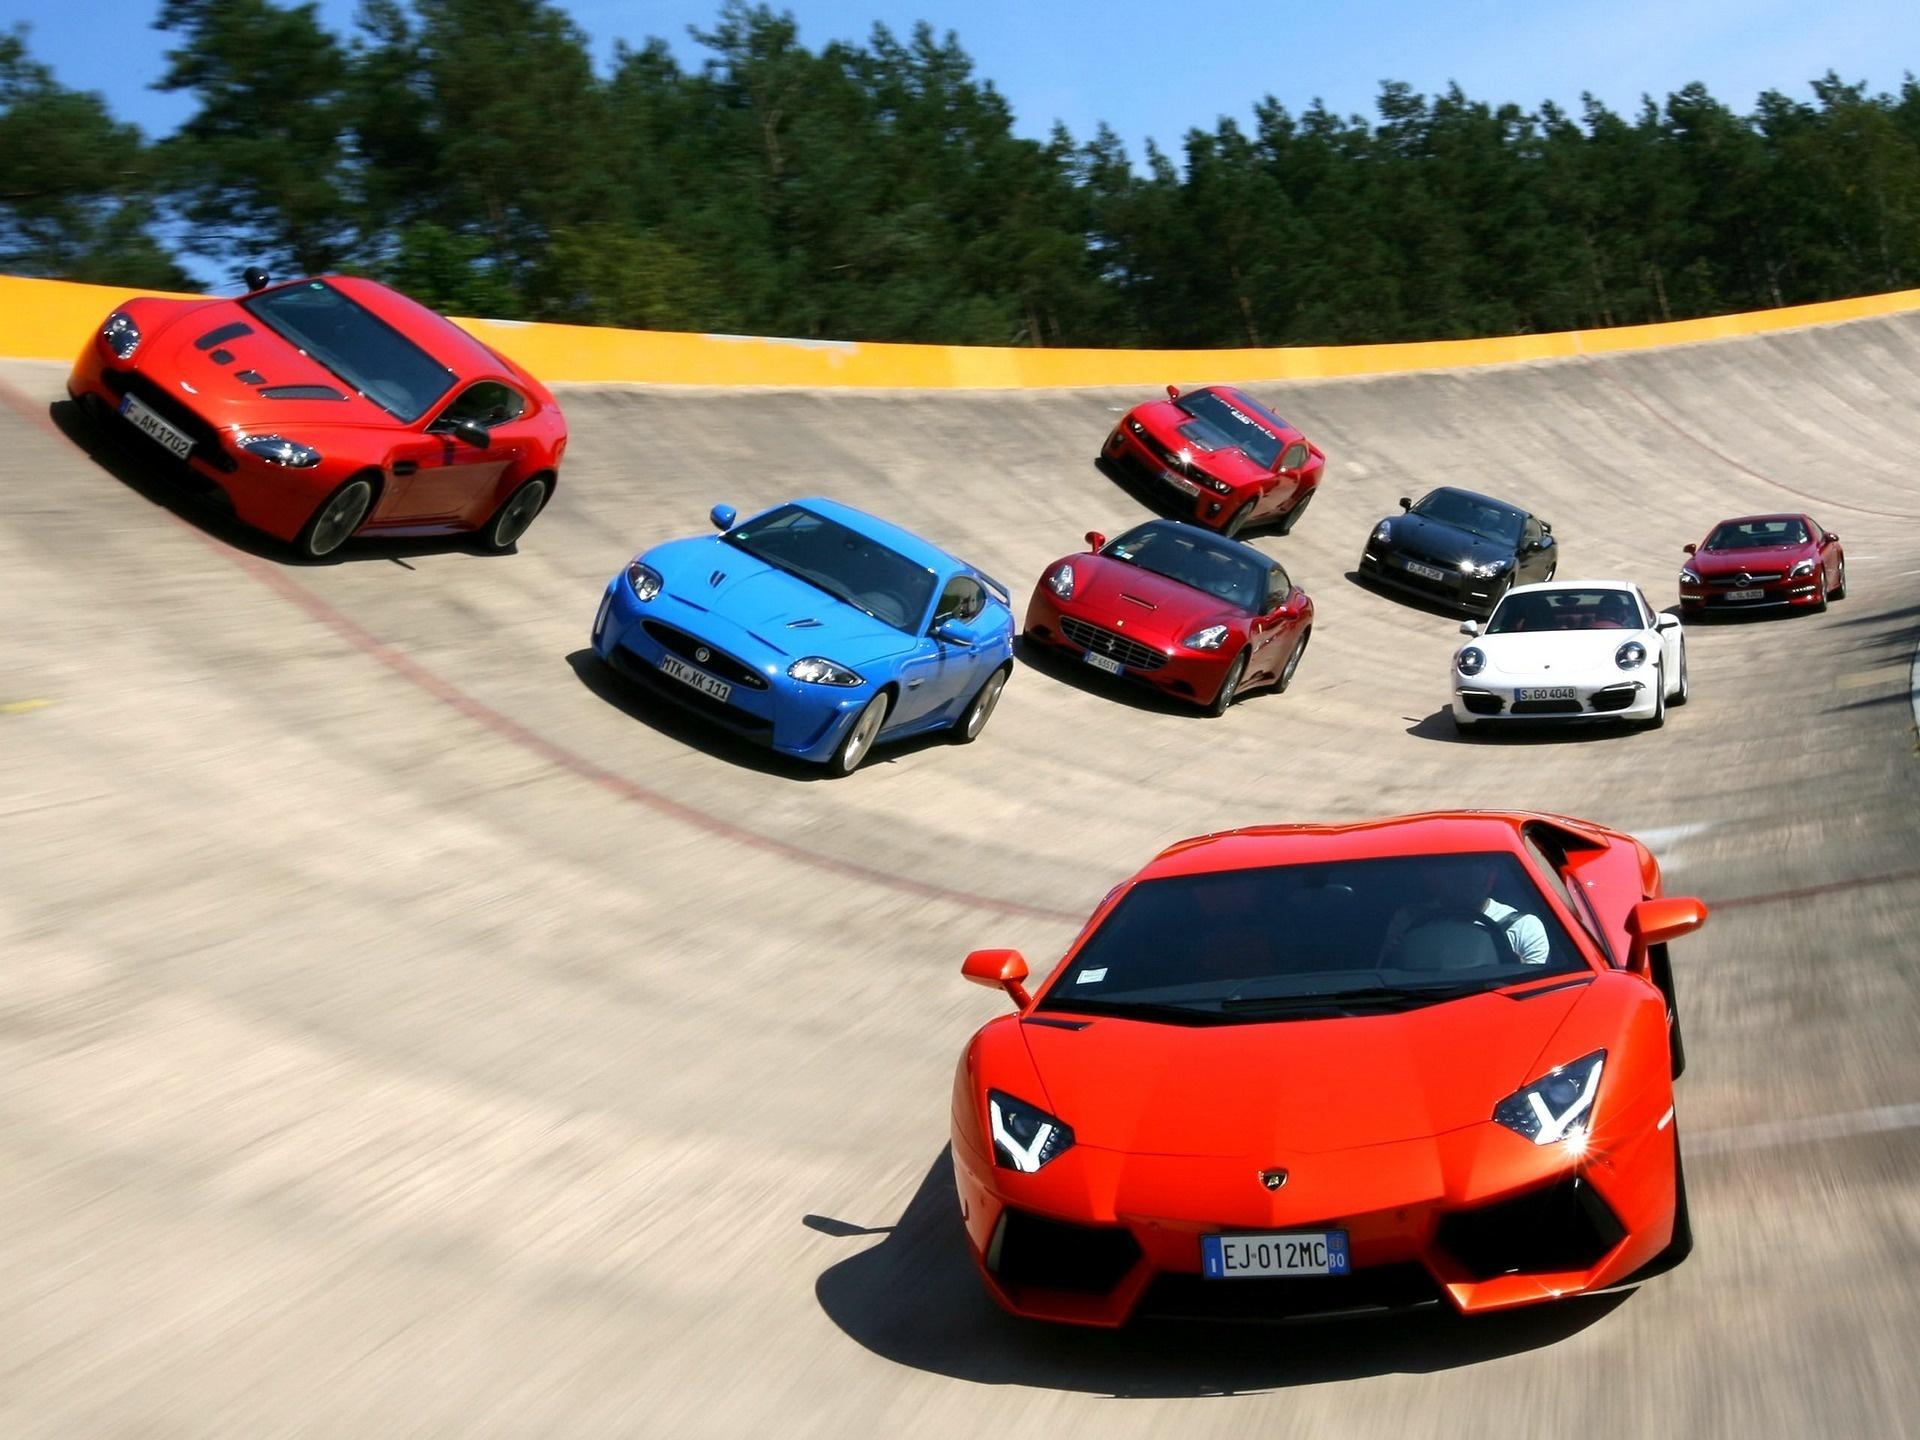 спорт автомобиль гонки sports car race бесплатно